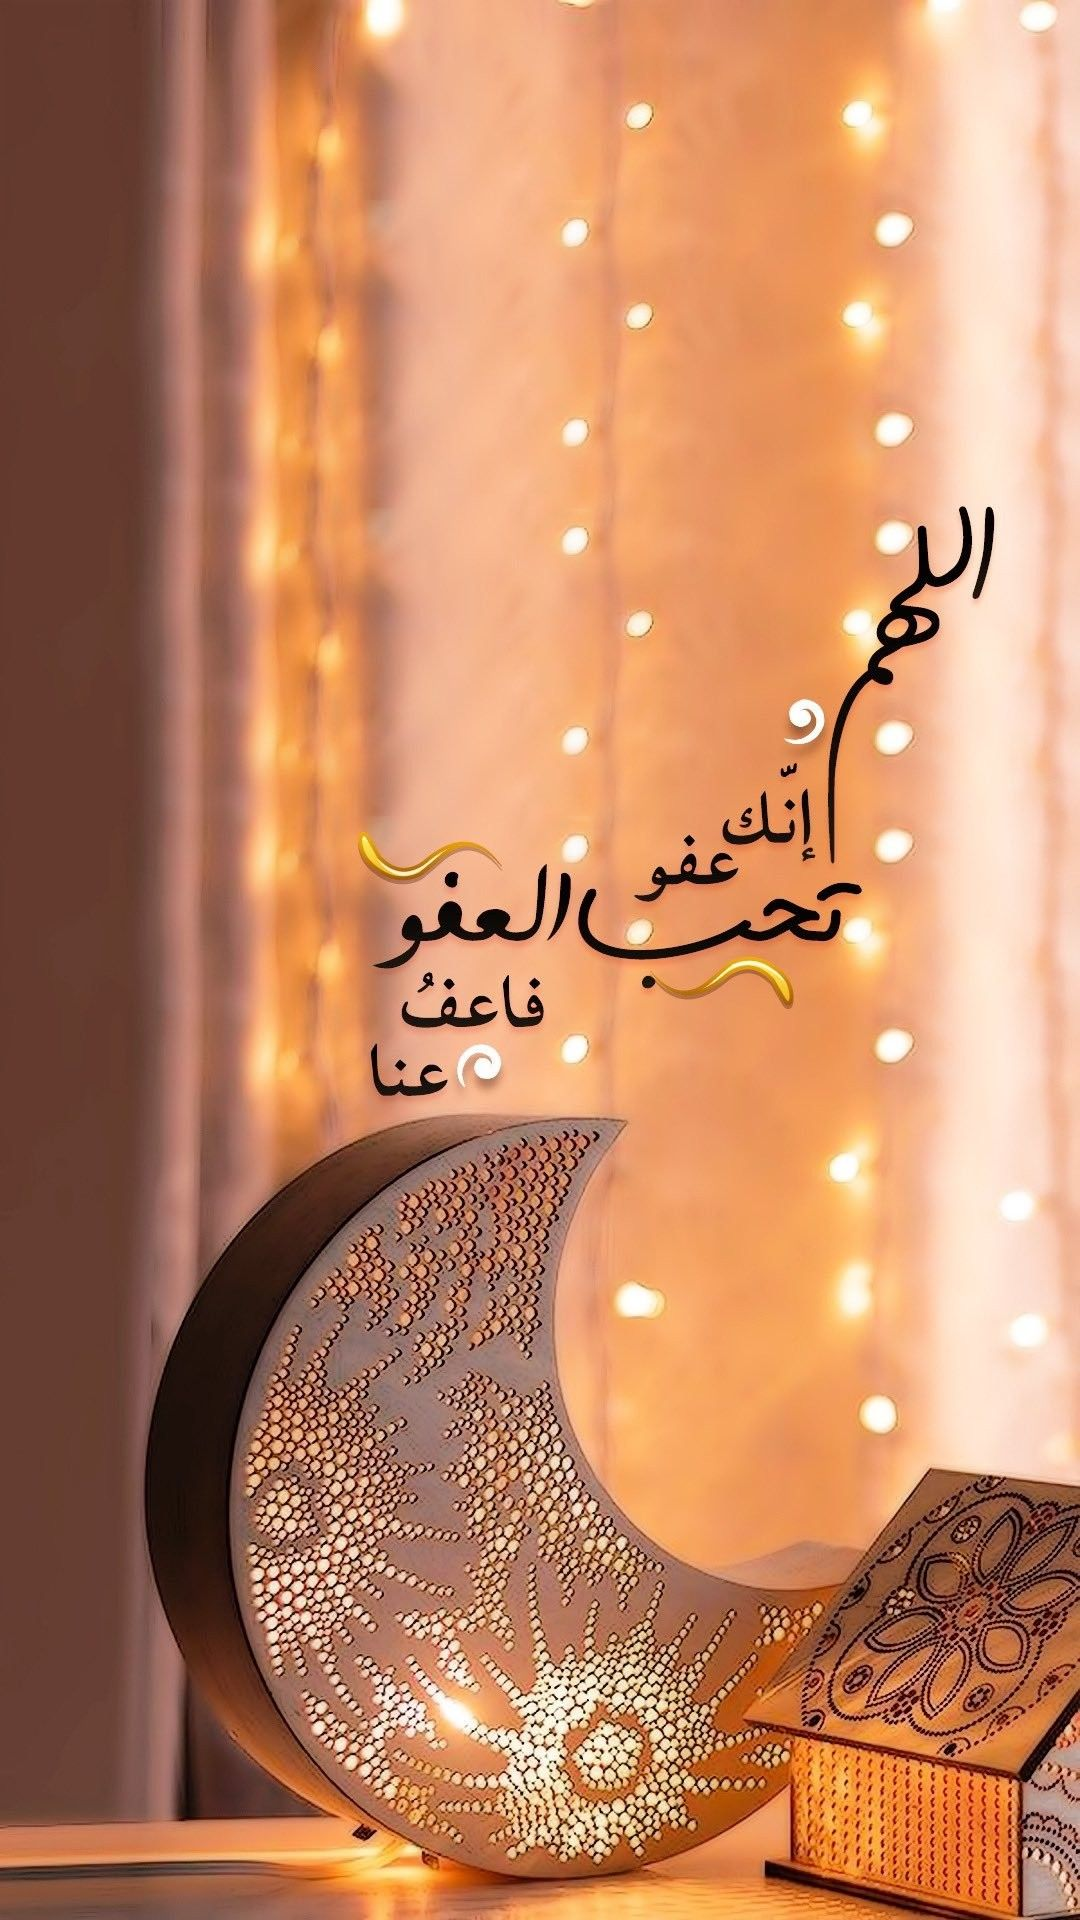 Pin By زهرة النرجس On Ramadan Day In 2021 Ramadan Day Ramadan Kareem Pictures Ramadan